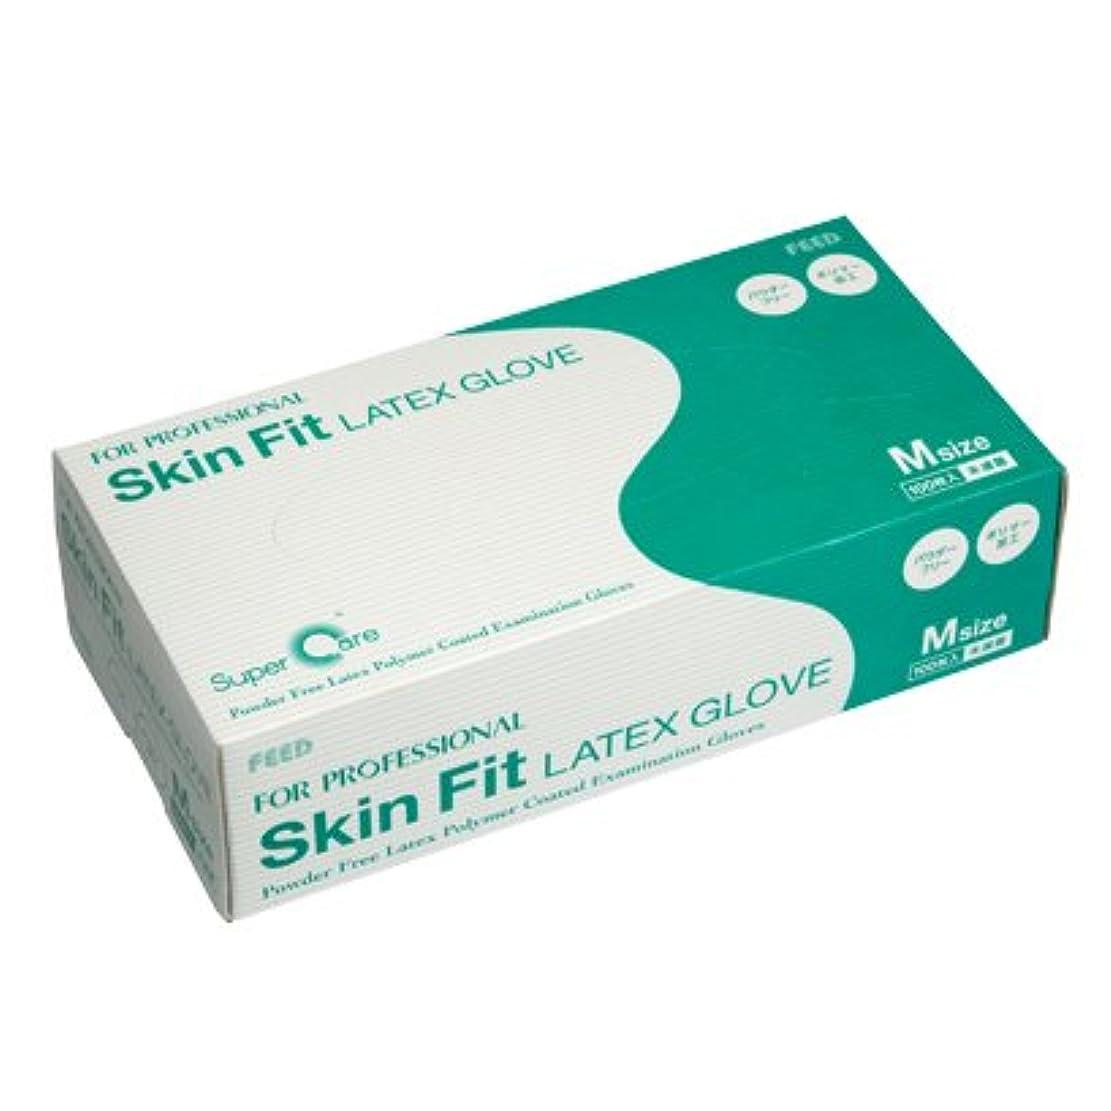 それる尾説教するFEED(フィード) Skin Fit ラテックスグローブ パウダーフリー ポリマー加工 M カートン(100枚入×10ケース) (医療機器)